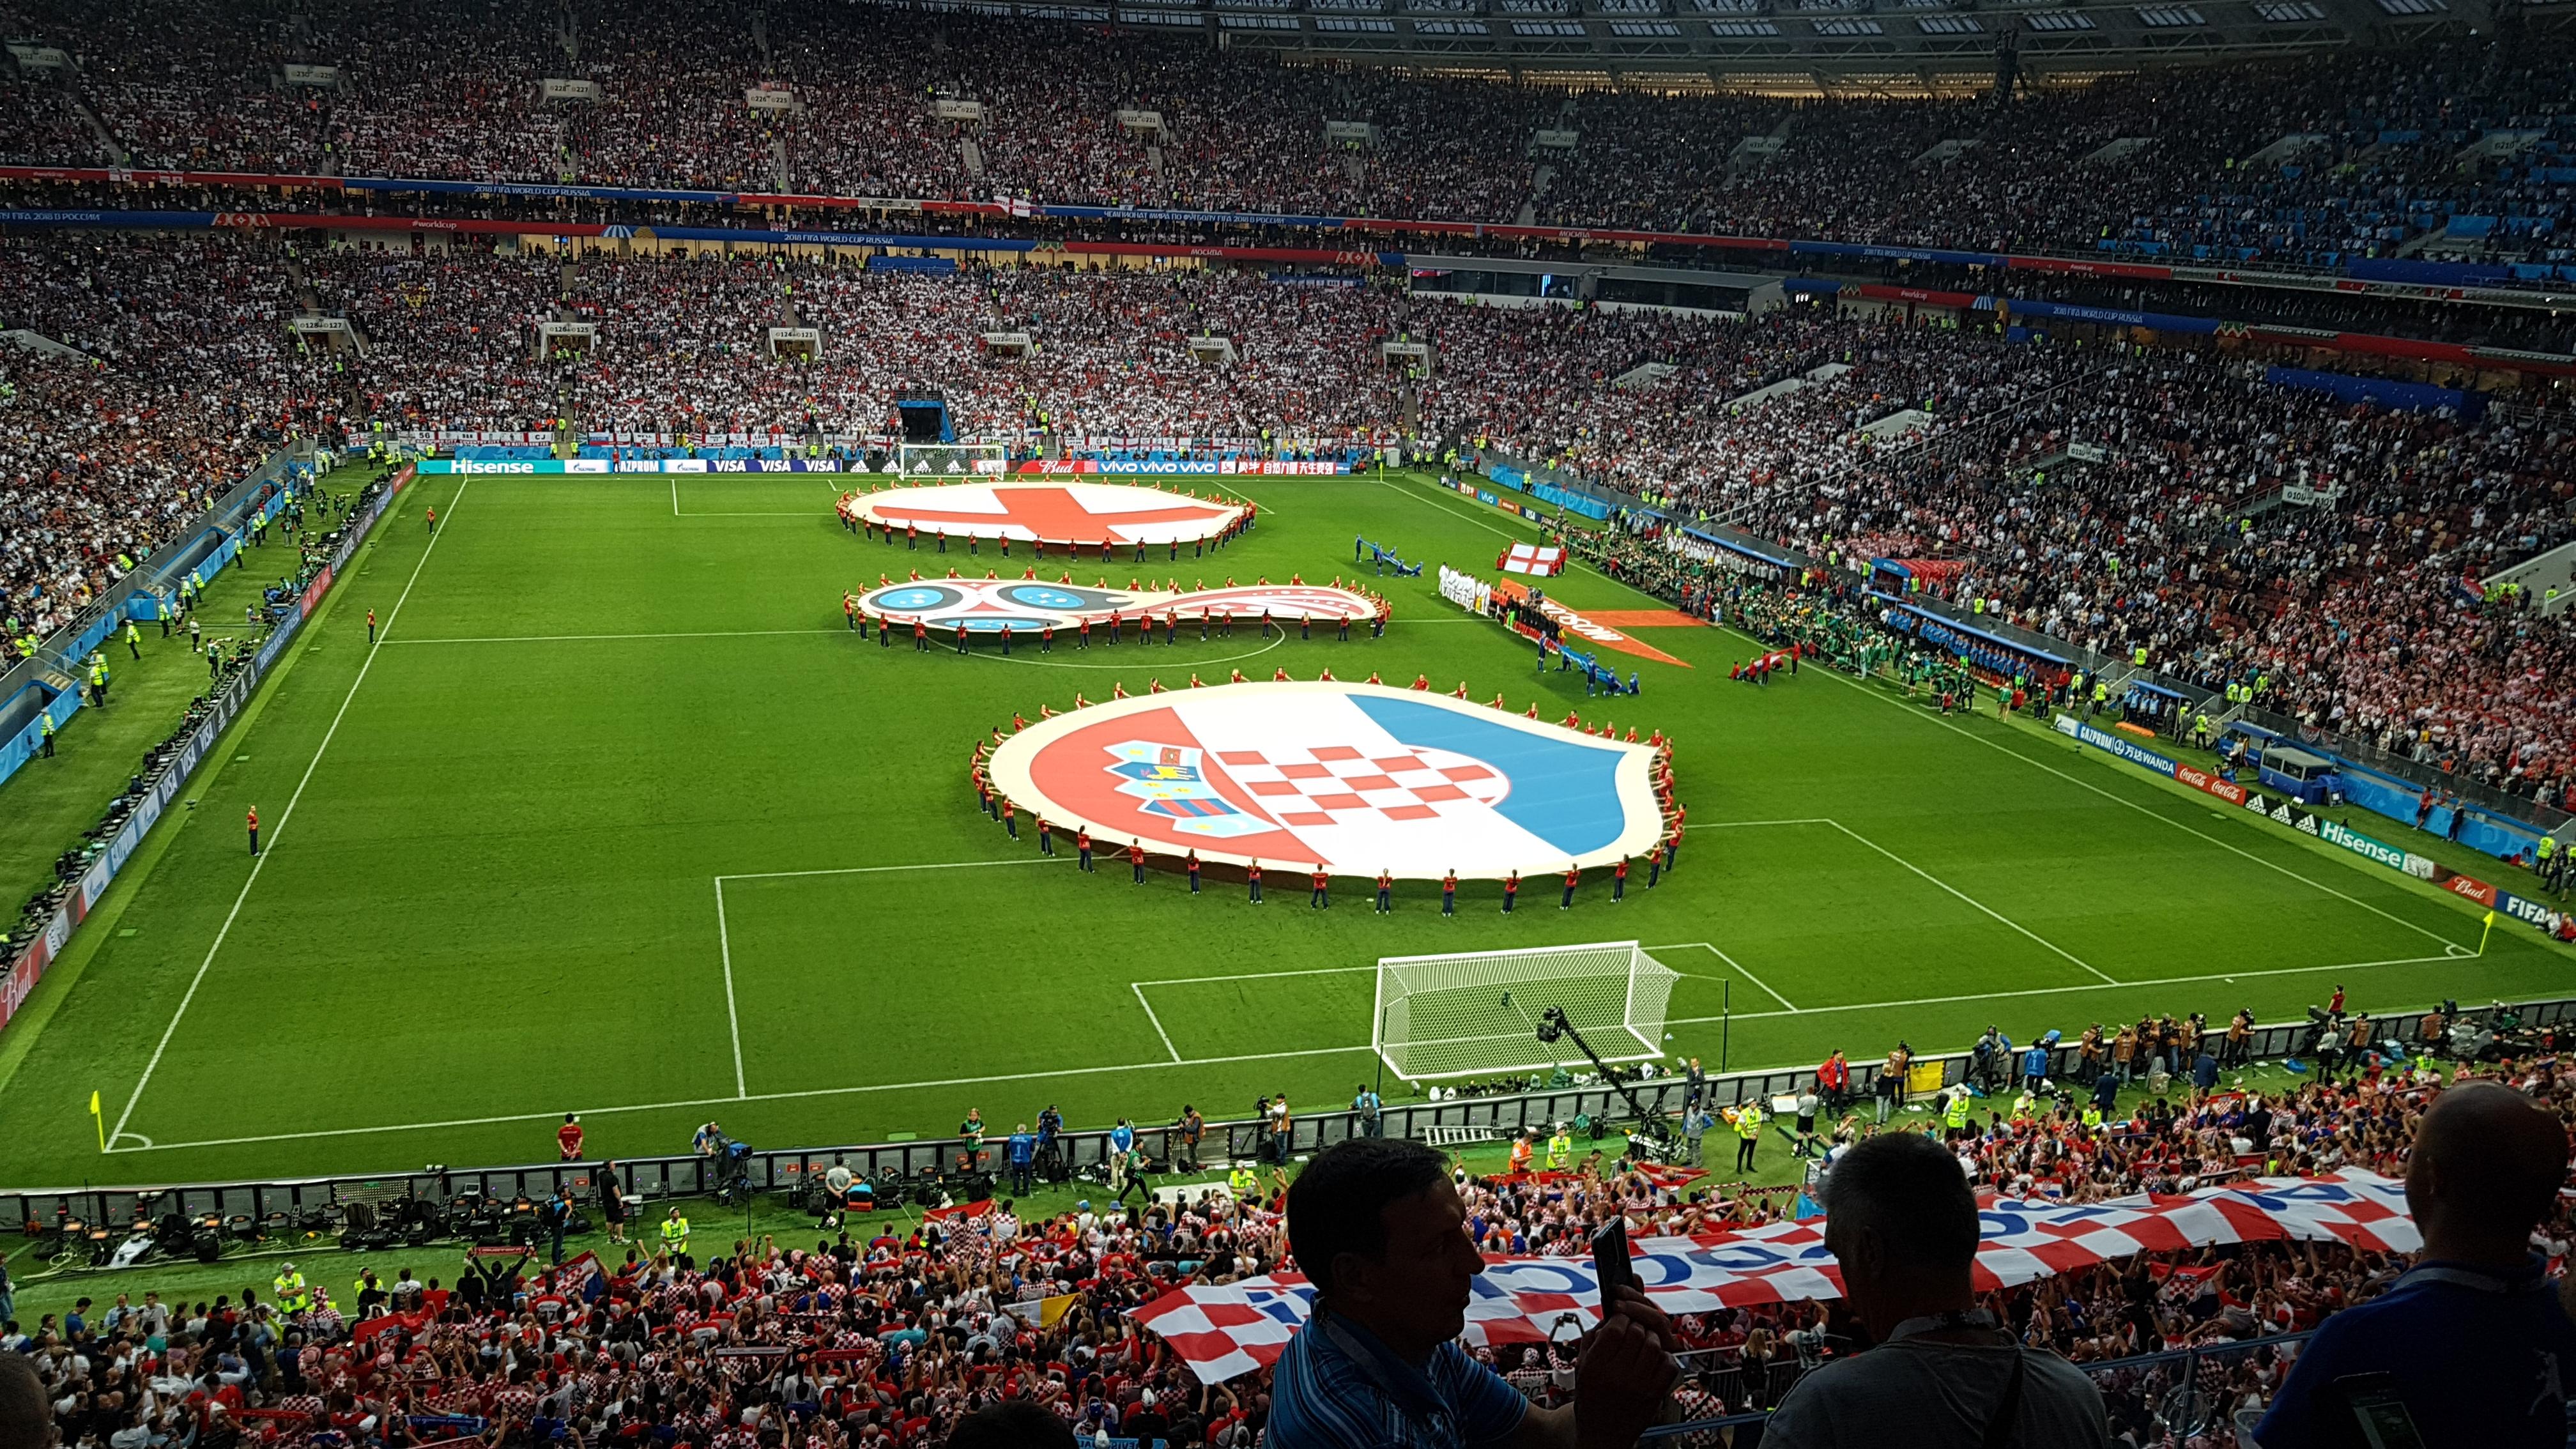 Modrić uoči Engleske na Wembleyu: Teren je jedino mjerilo i vidjet ćemo što će biti